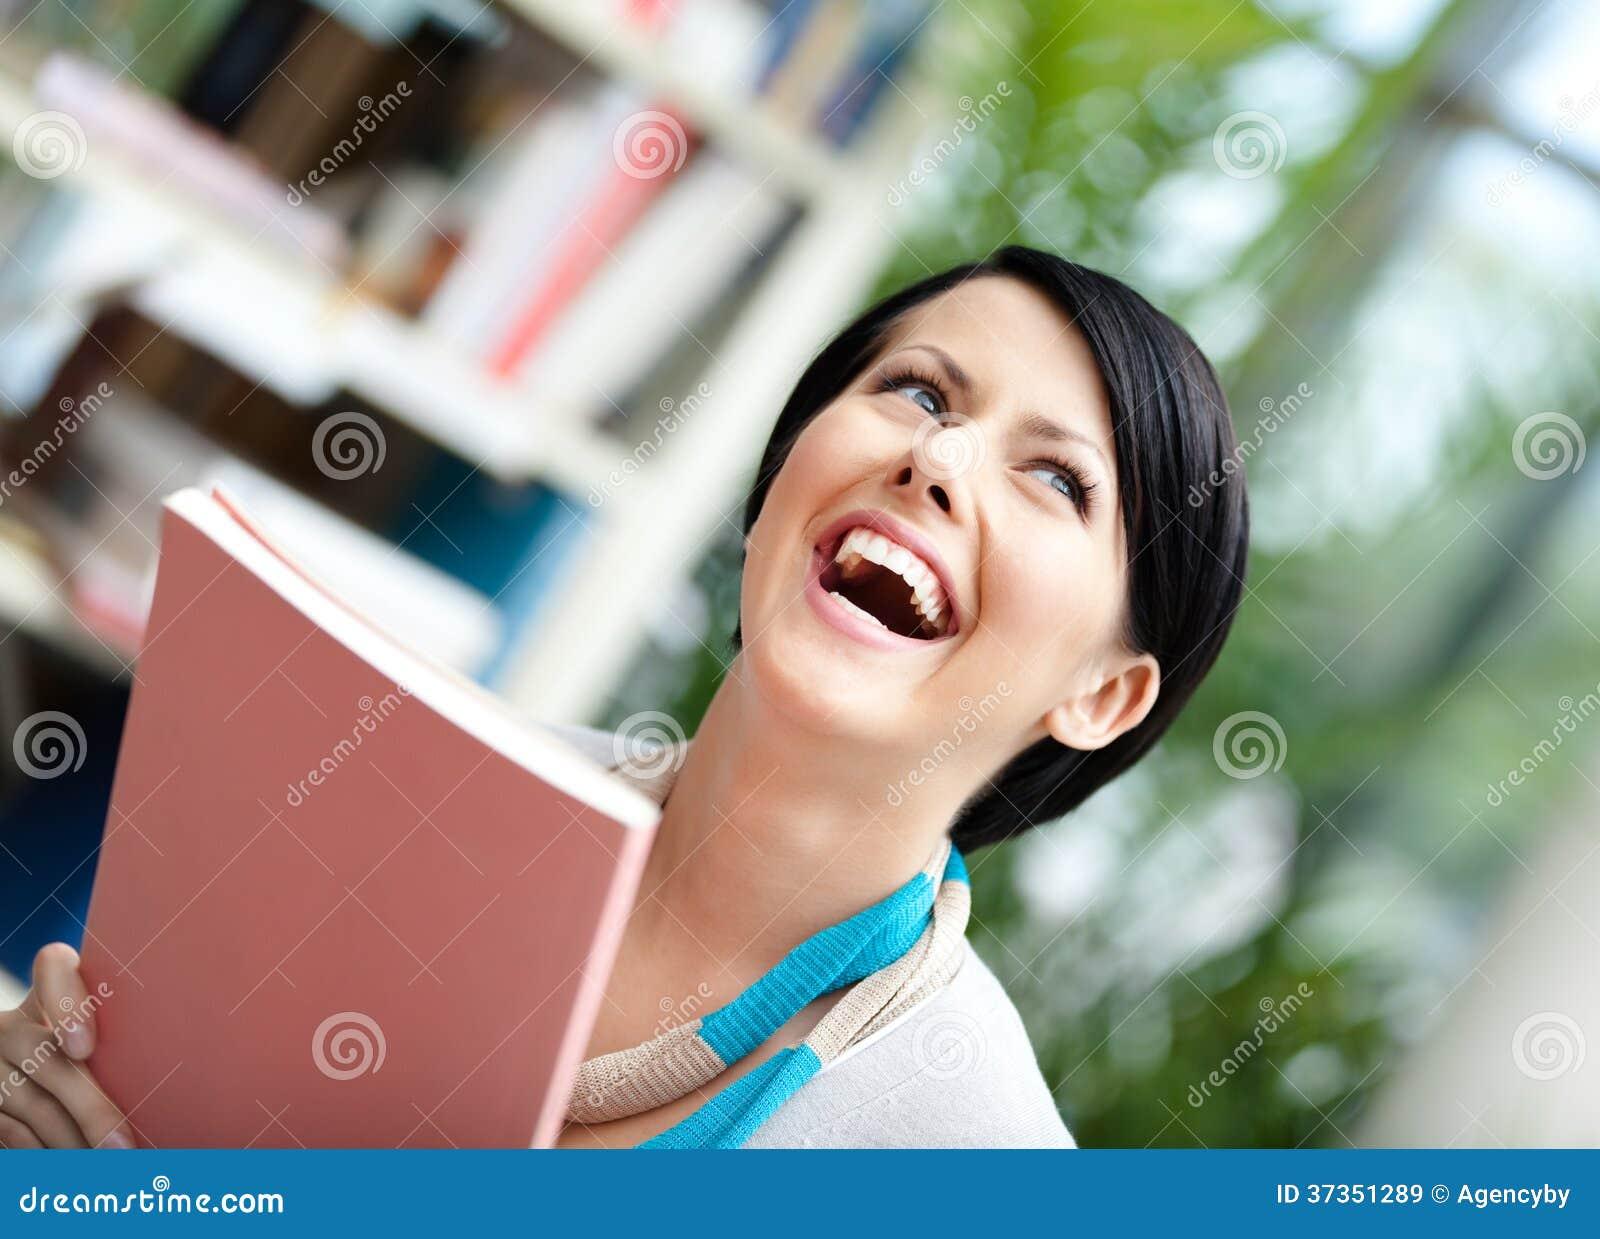 Студент с книгой на библиотеке